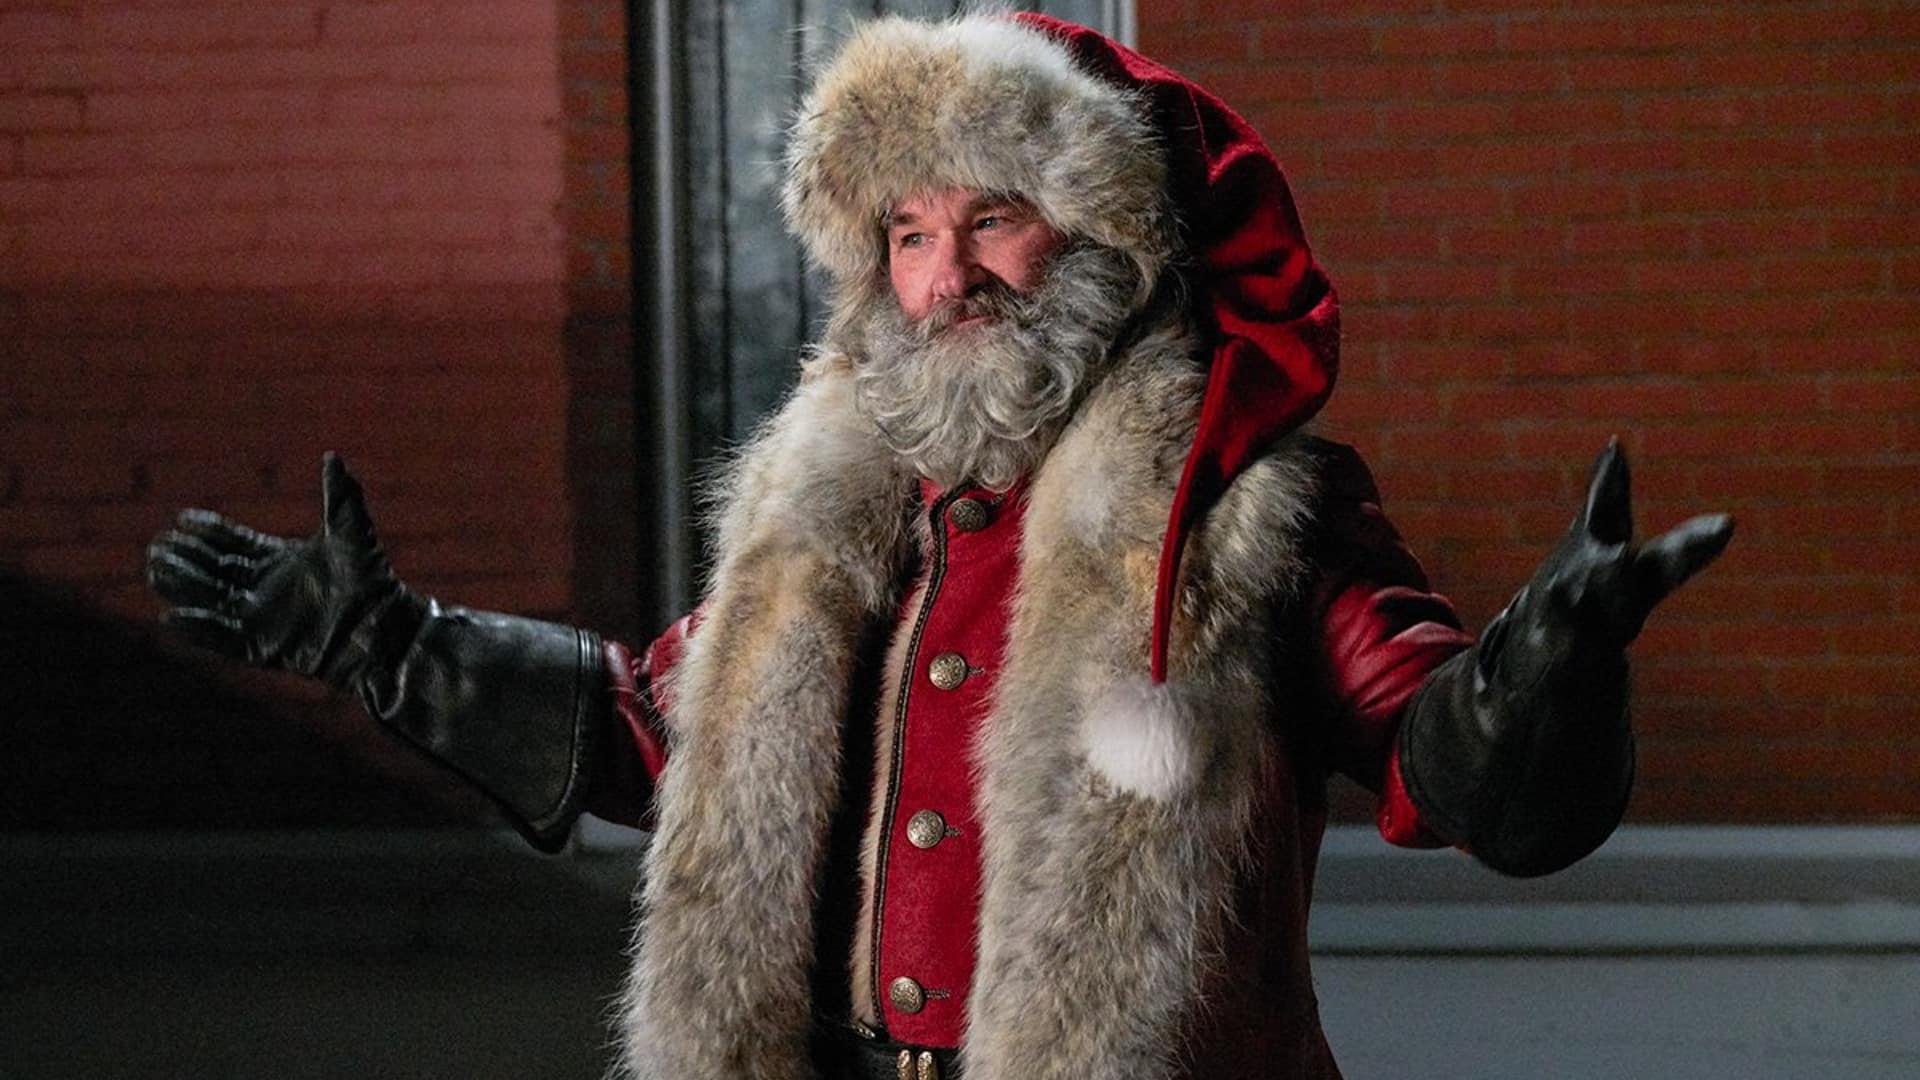 Babbo Natale Film.Cronache Di Natale Recensione Del Film Netflix Con Kurt Russell